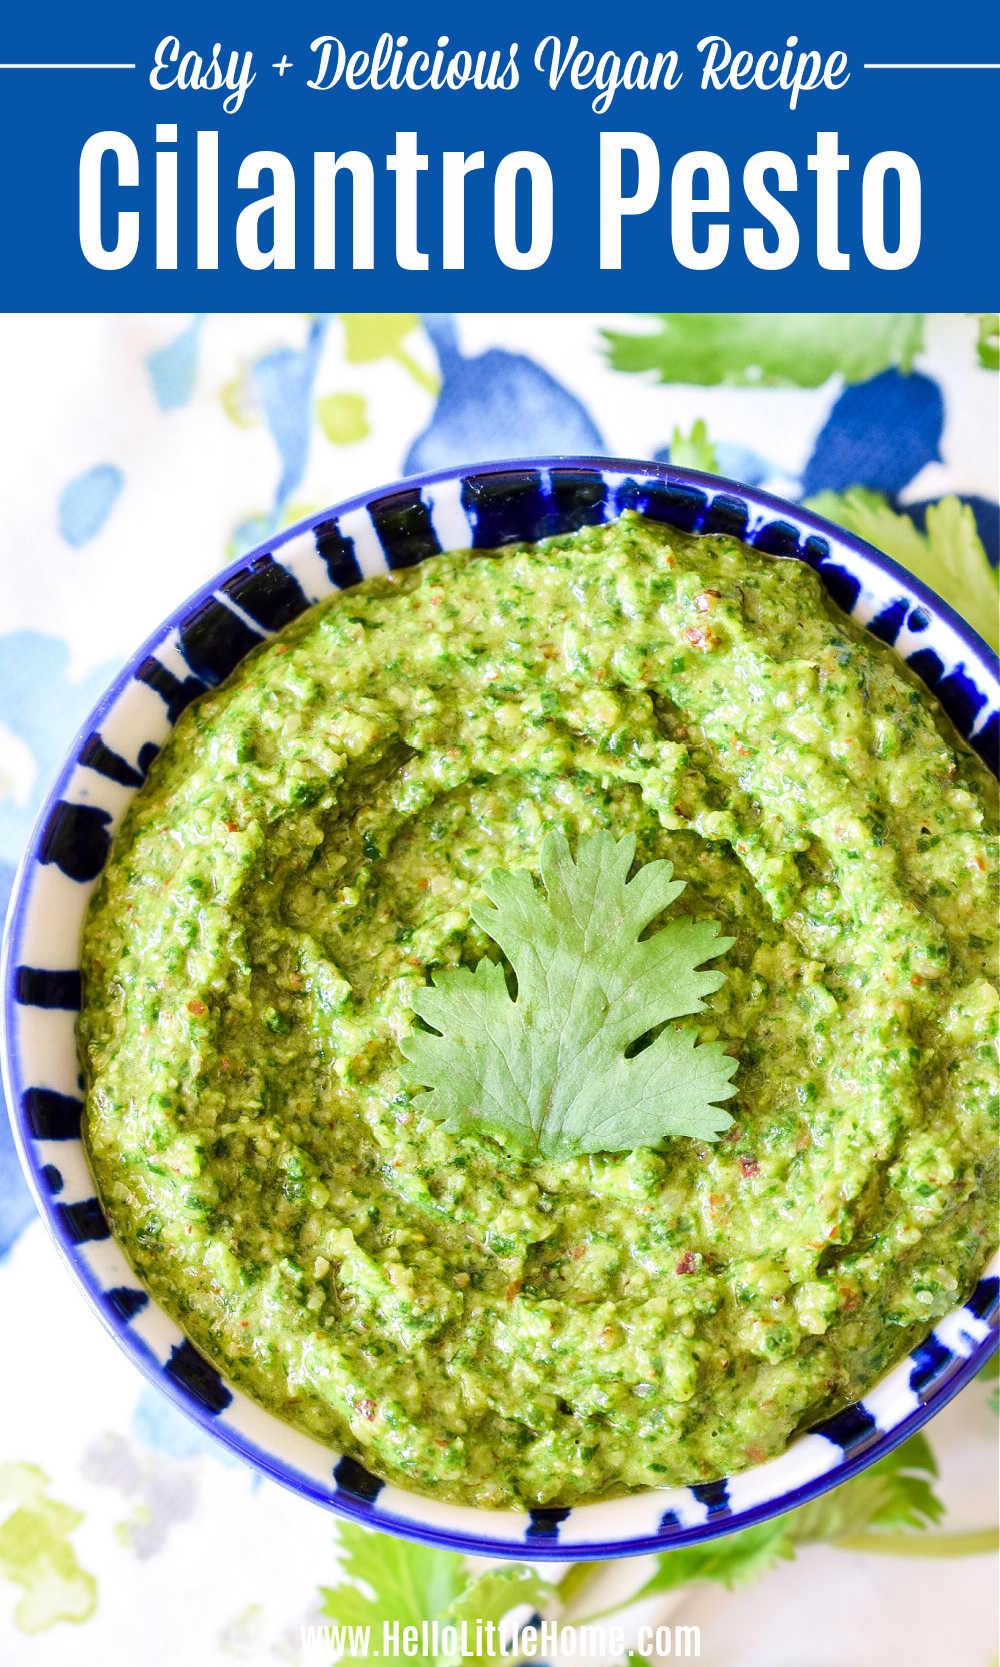 A bowl of Cilantro Pesto Sauce topped with fresh Cilantro.